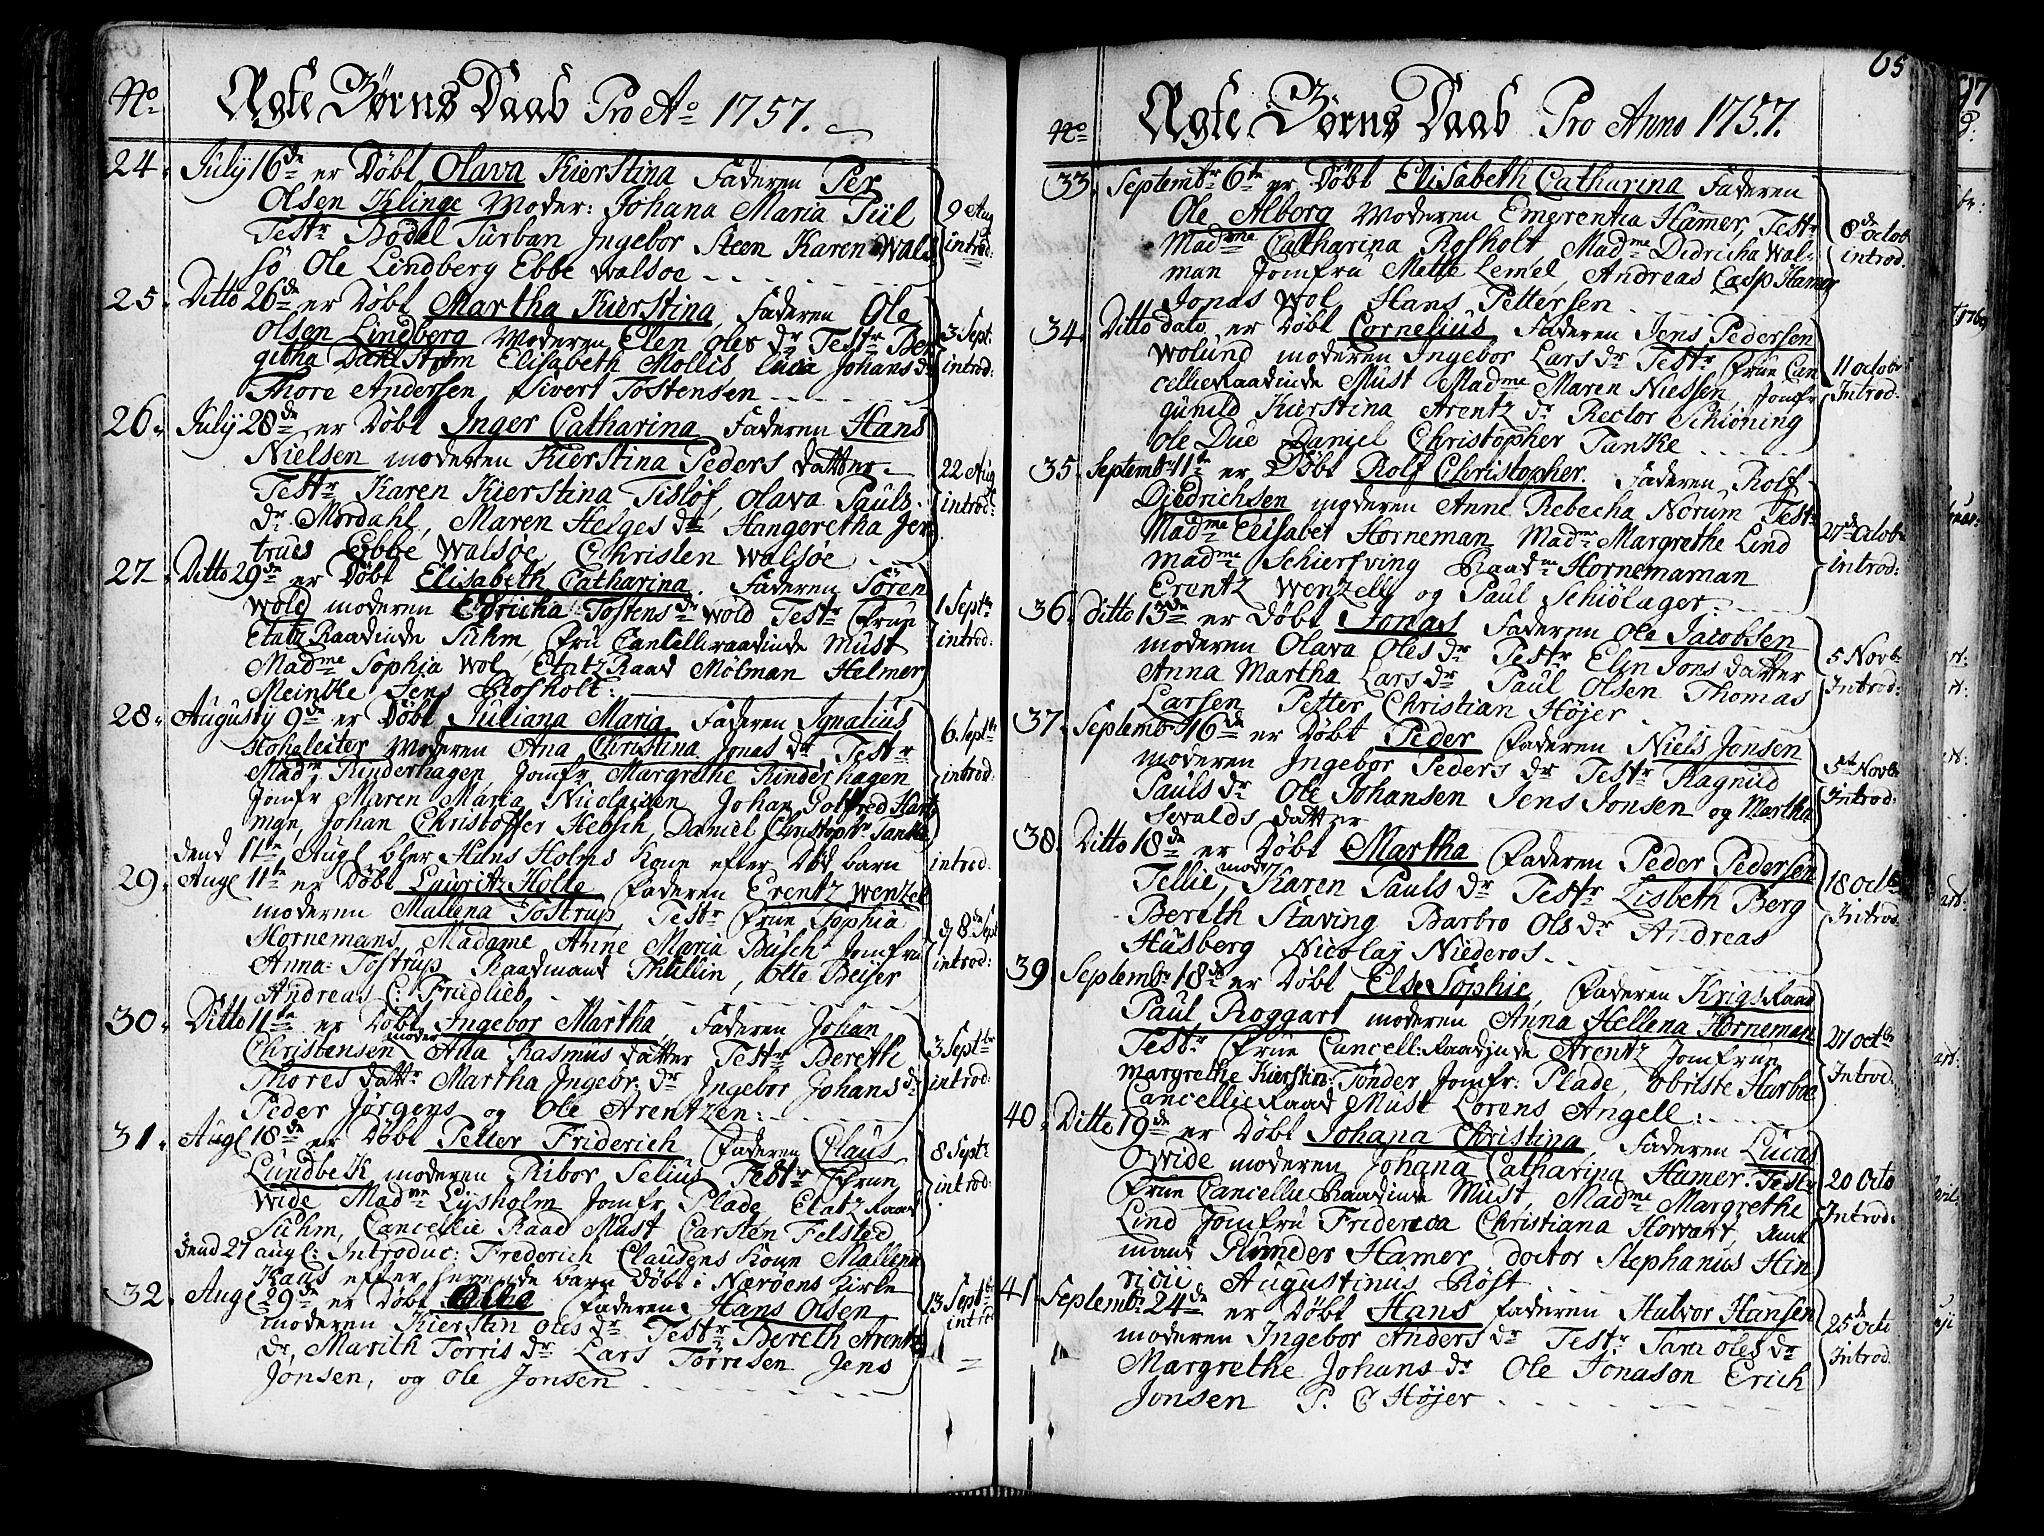 SAT, Ministerialprotokoller, klokkerbøker og fødselsregistre - Sør-Trøndelag, 602/L0103: Ministerialbok nr. 602A01, 1732-1774, s. 65